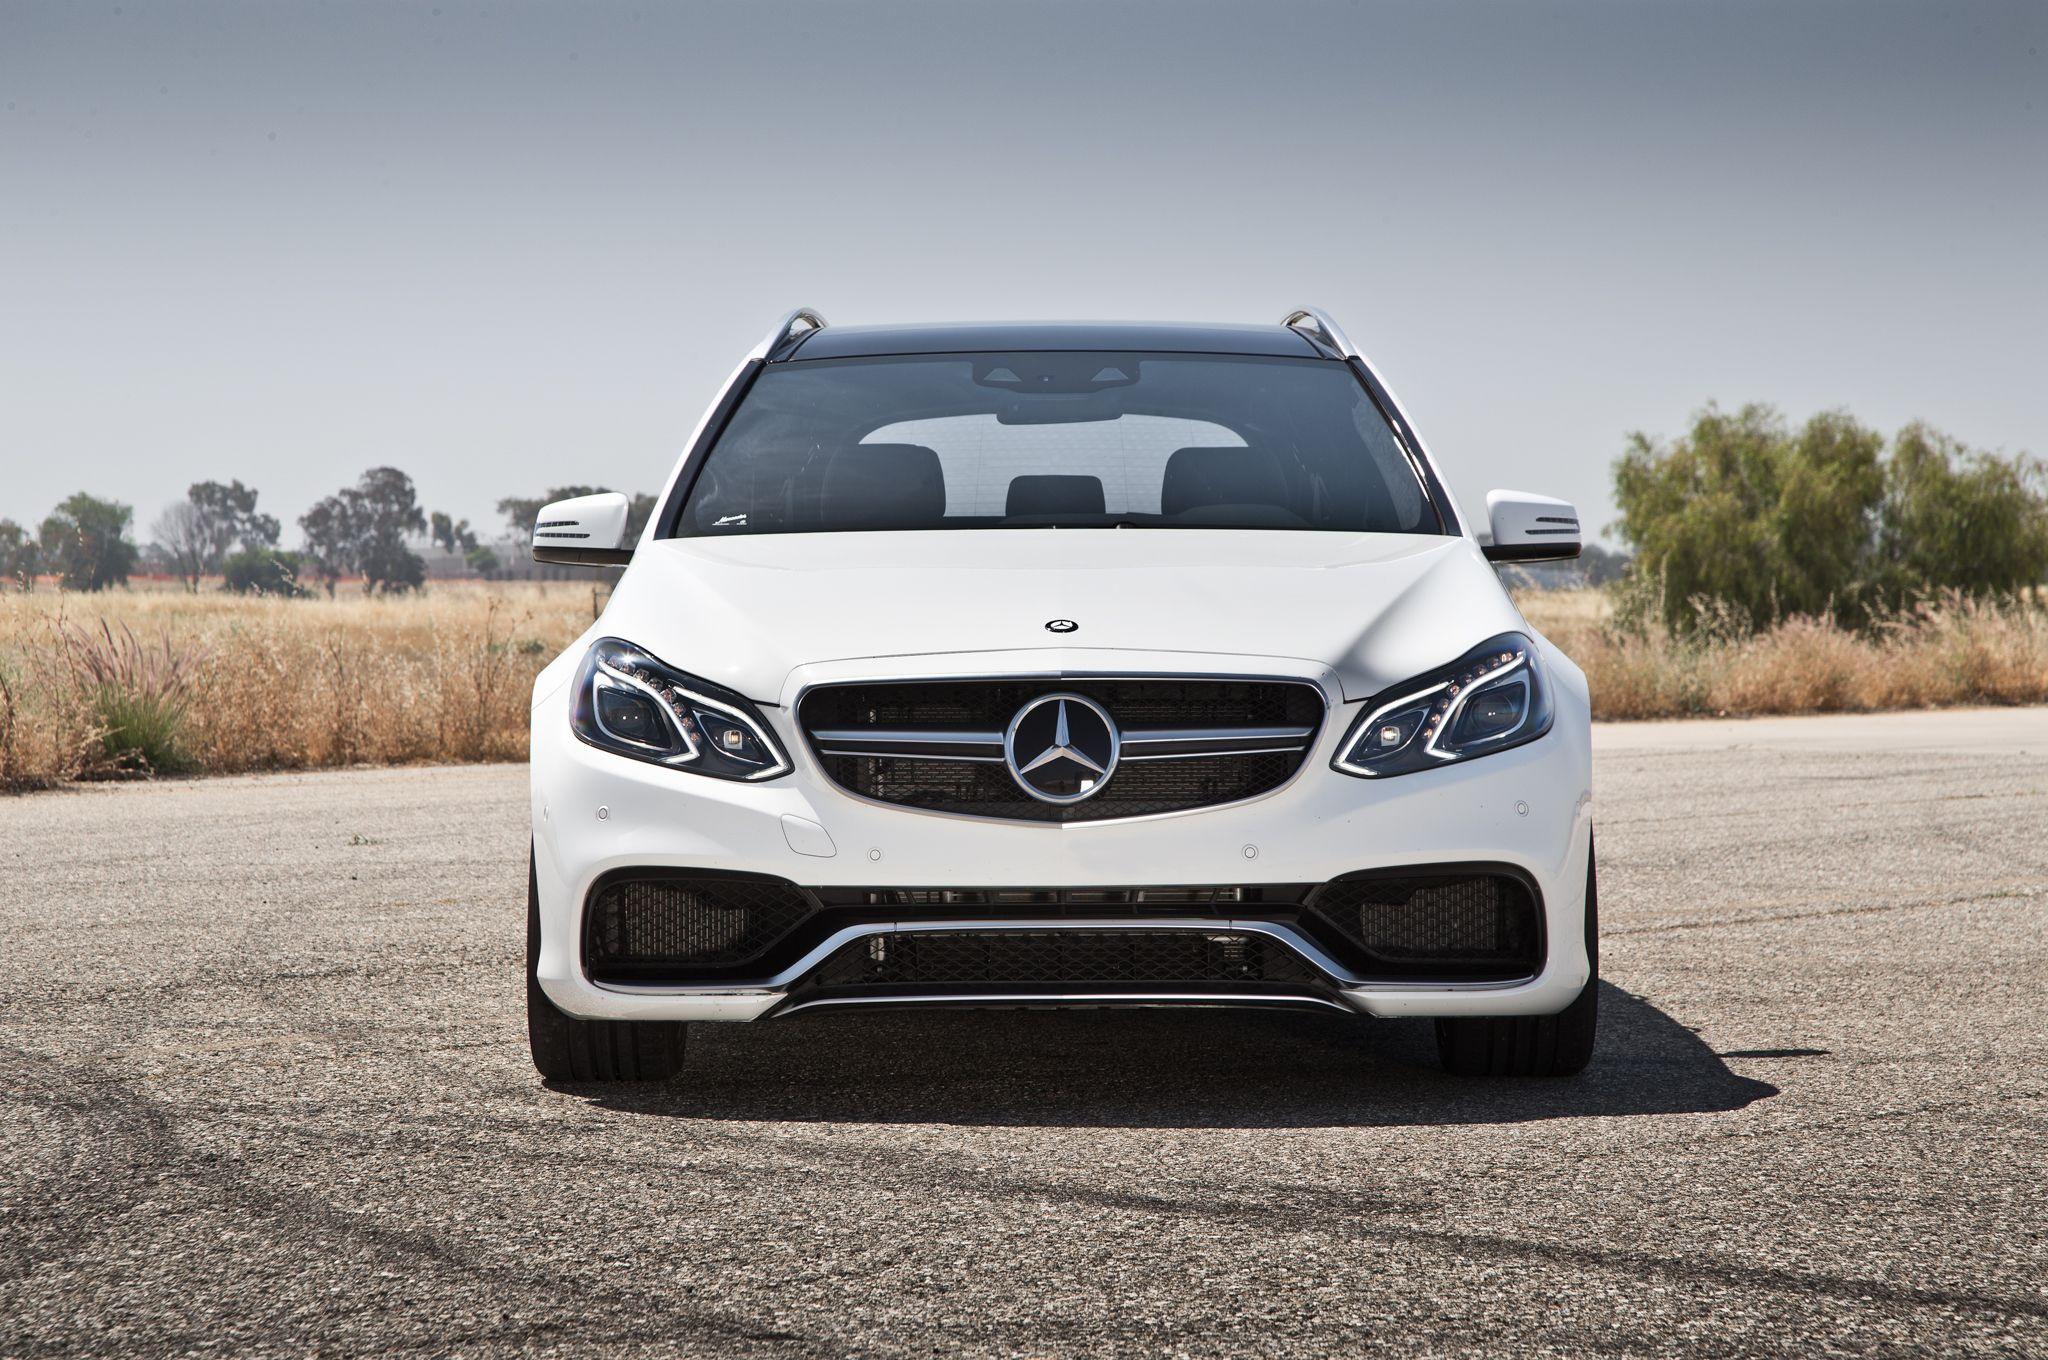 2014-Mercedes-Benz-E63-AMG-S-Model-4Matic-